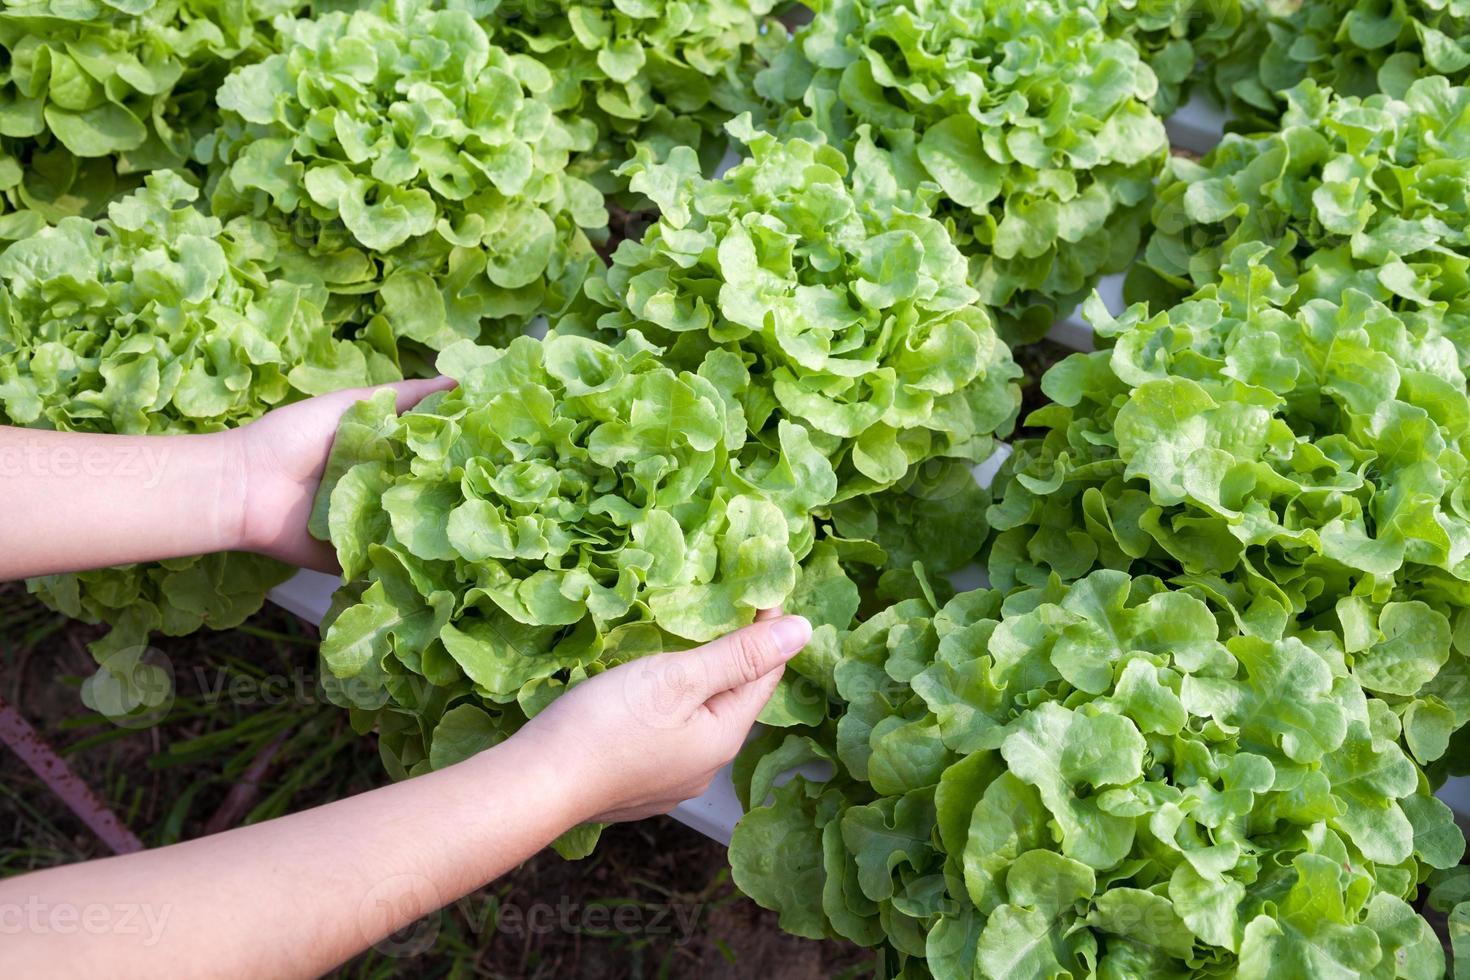 Bio-Hydrokulturgemüse zur Hand in einem Garten foto